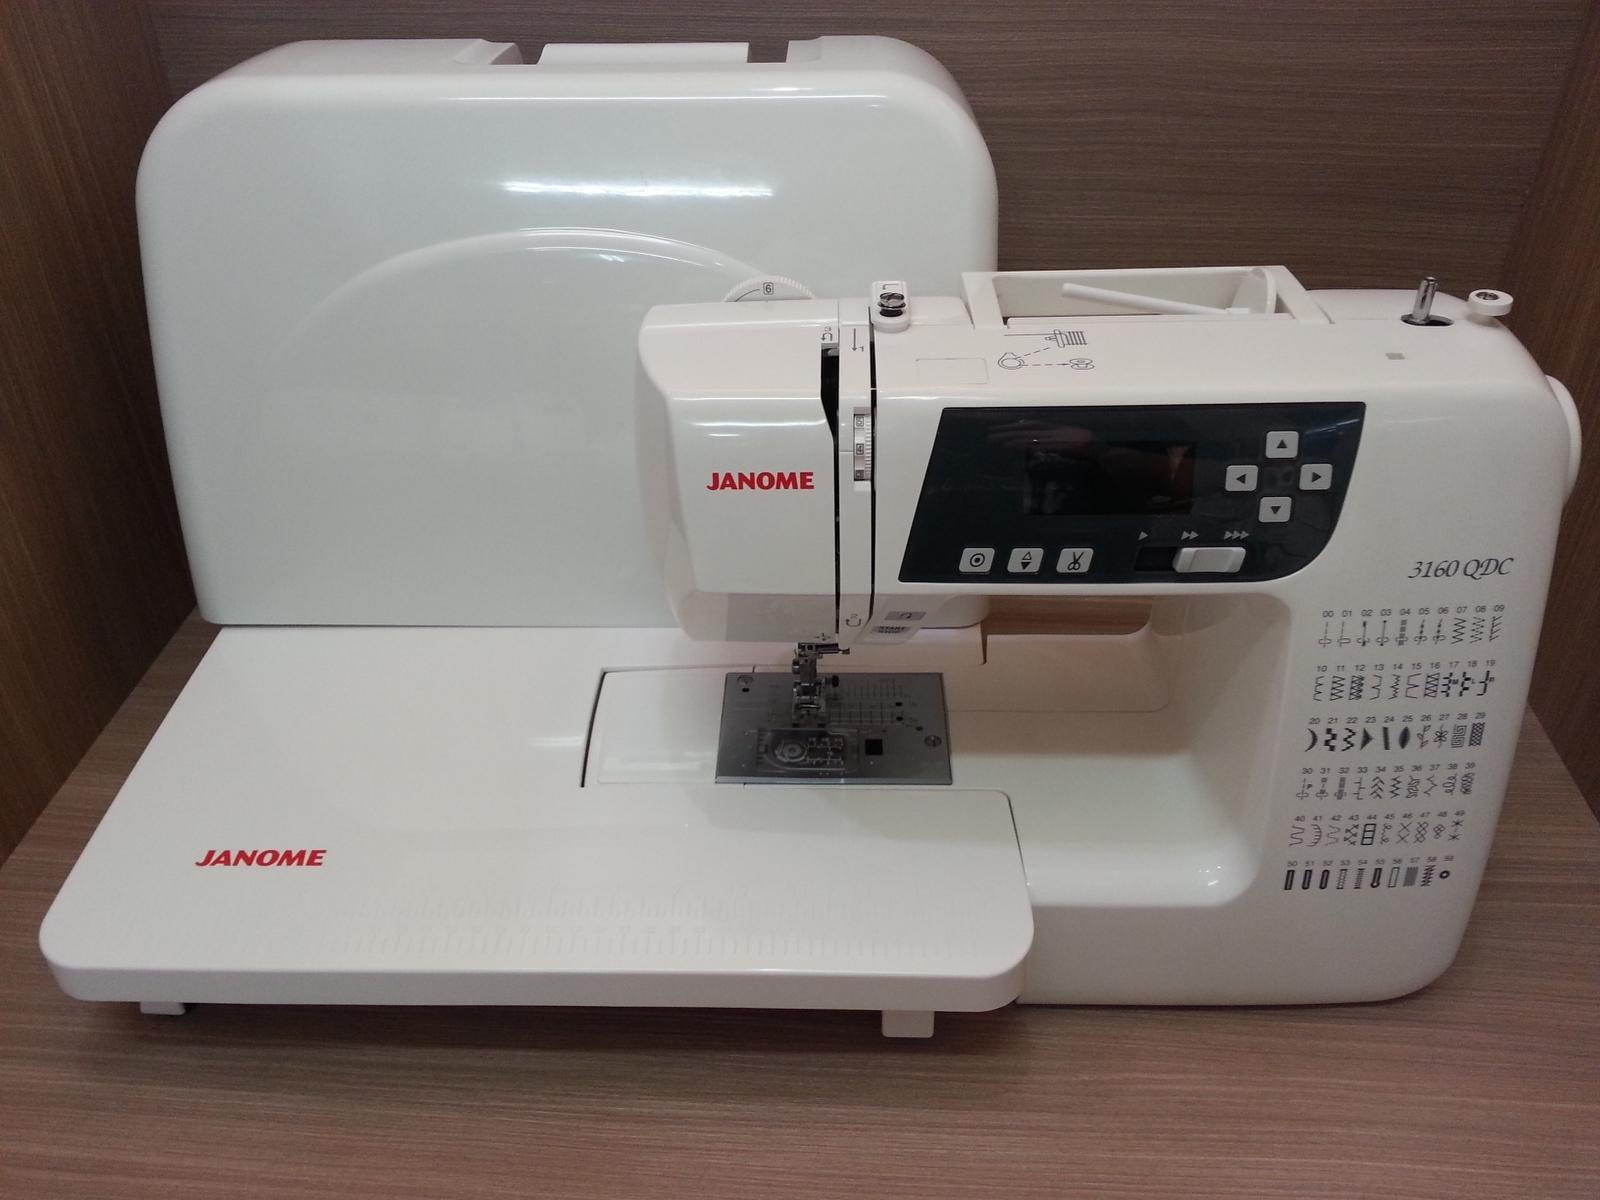 Belanja Terbaik Janome 3160qdc Mesin Jahit Digital Portable 2222 Multifungsi Putih